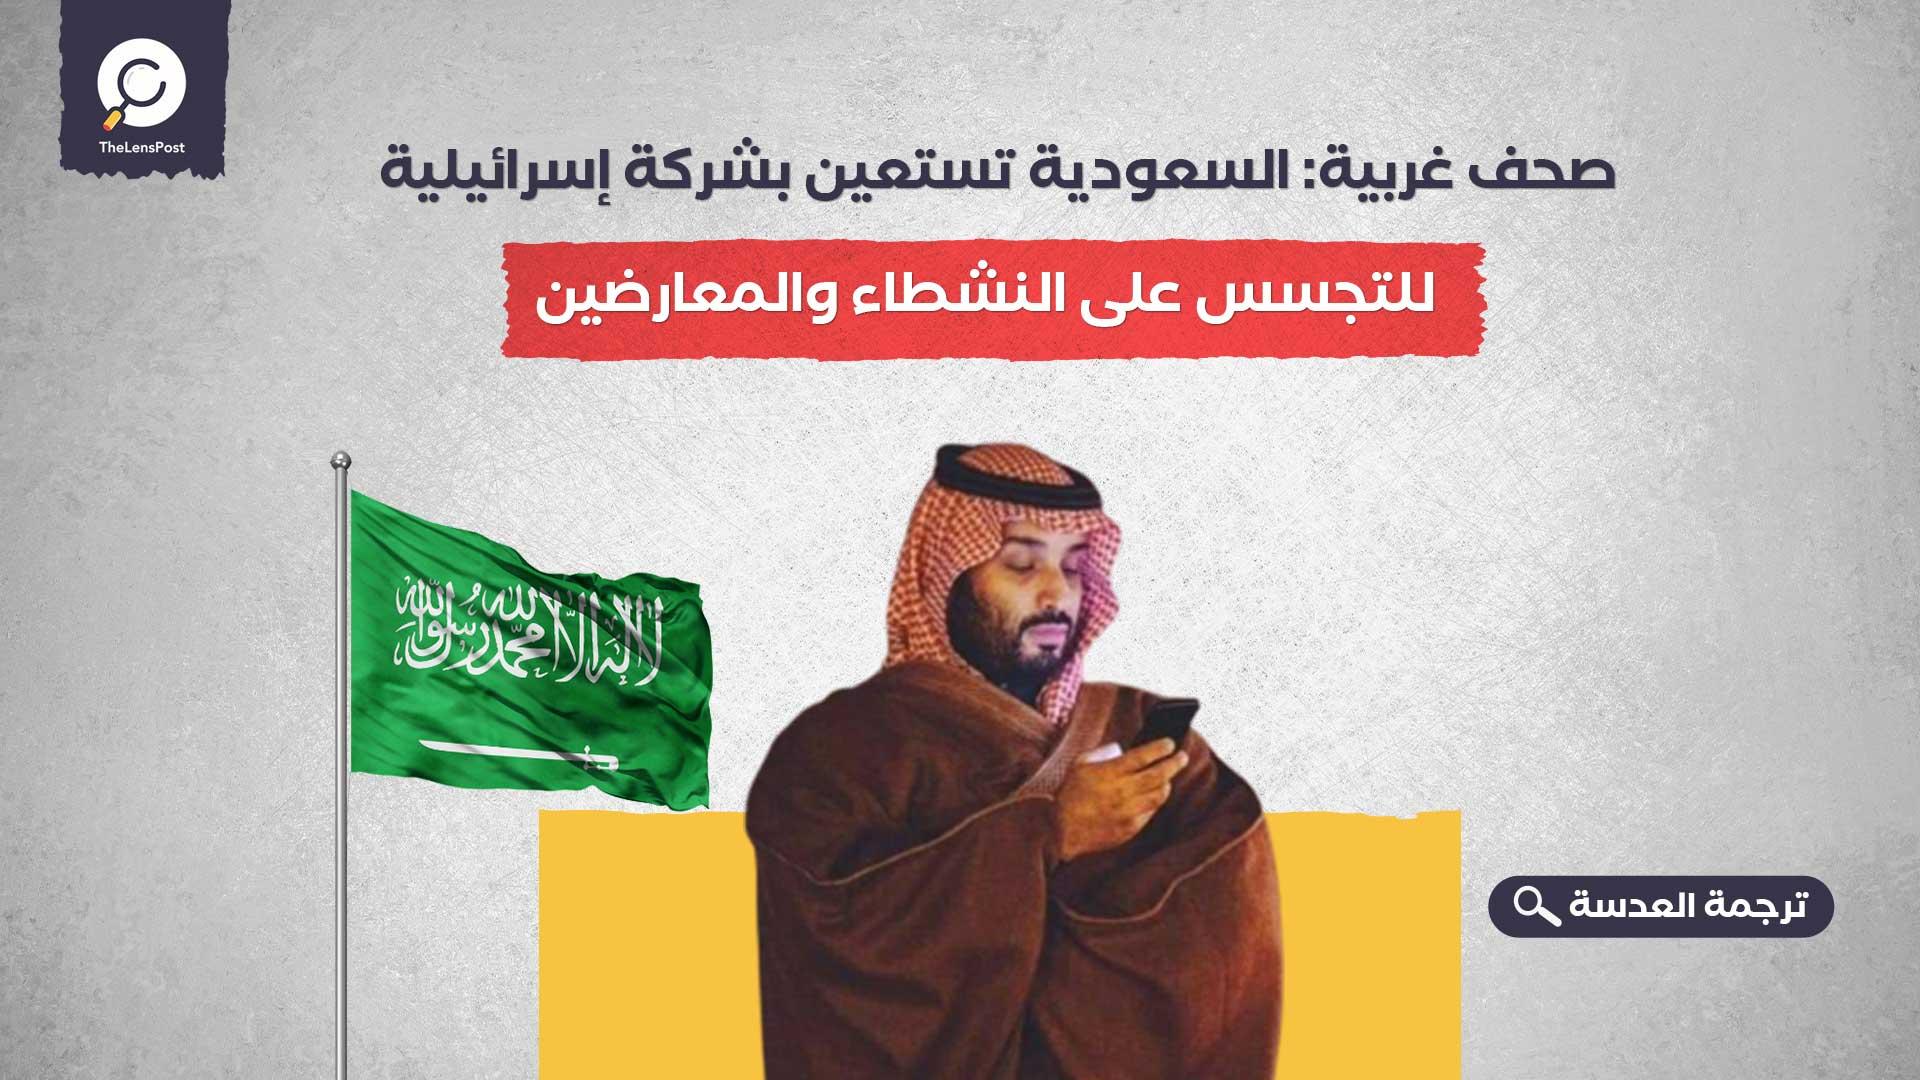 صحف غربية: السعودية تستعين بشركة إسرائيلية للتجسس على النشطاء والمعارضين